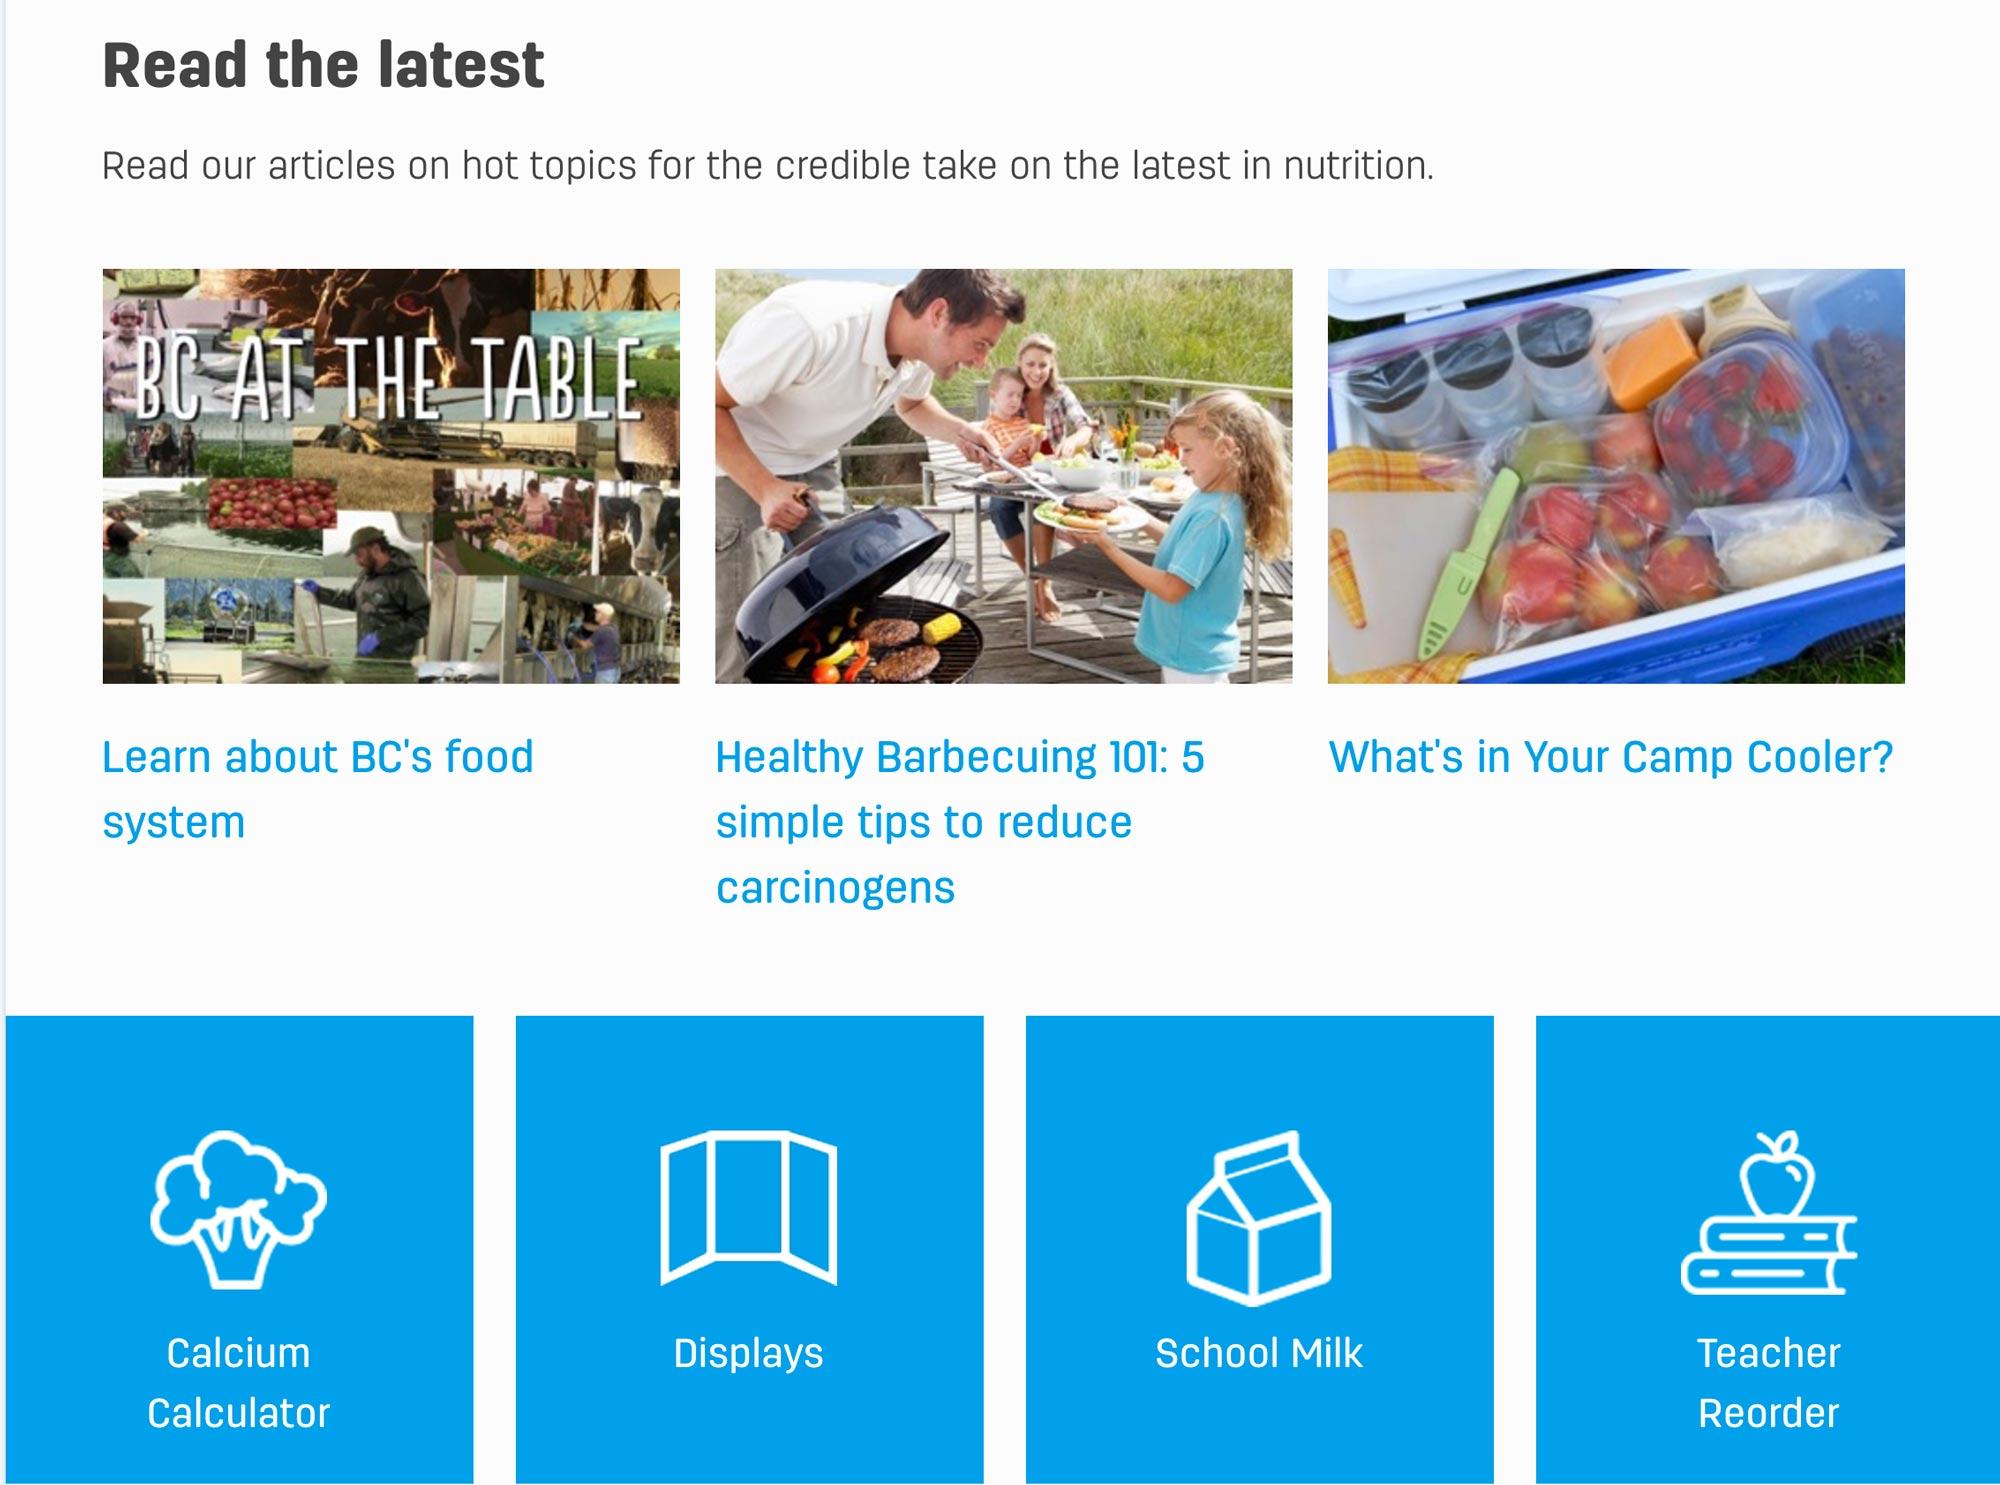 Calcium calculator™ apk download latest version 1. 5 com. Bcdairy.